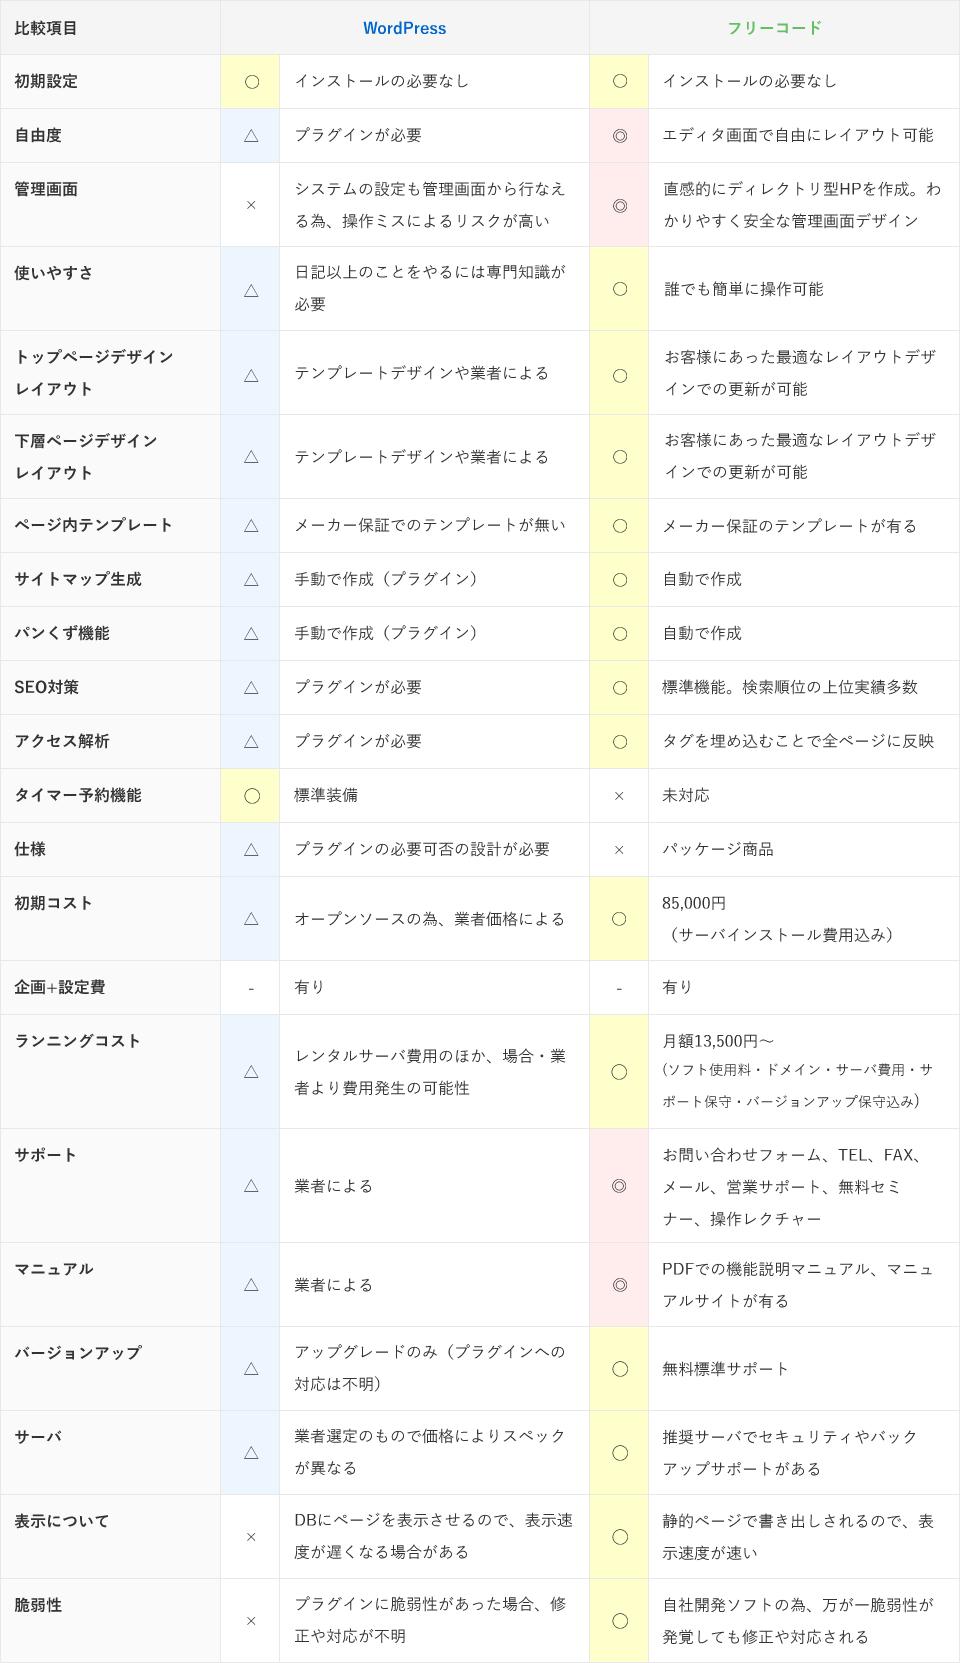 ワードプレスとの比較表_wordpress